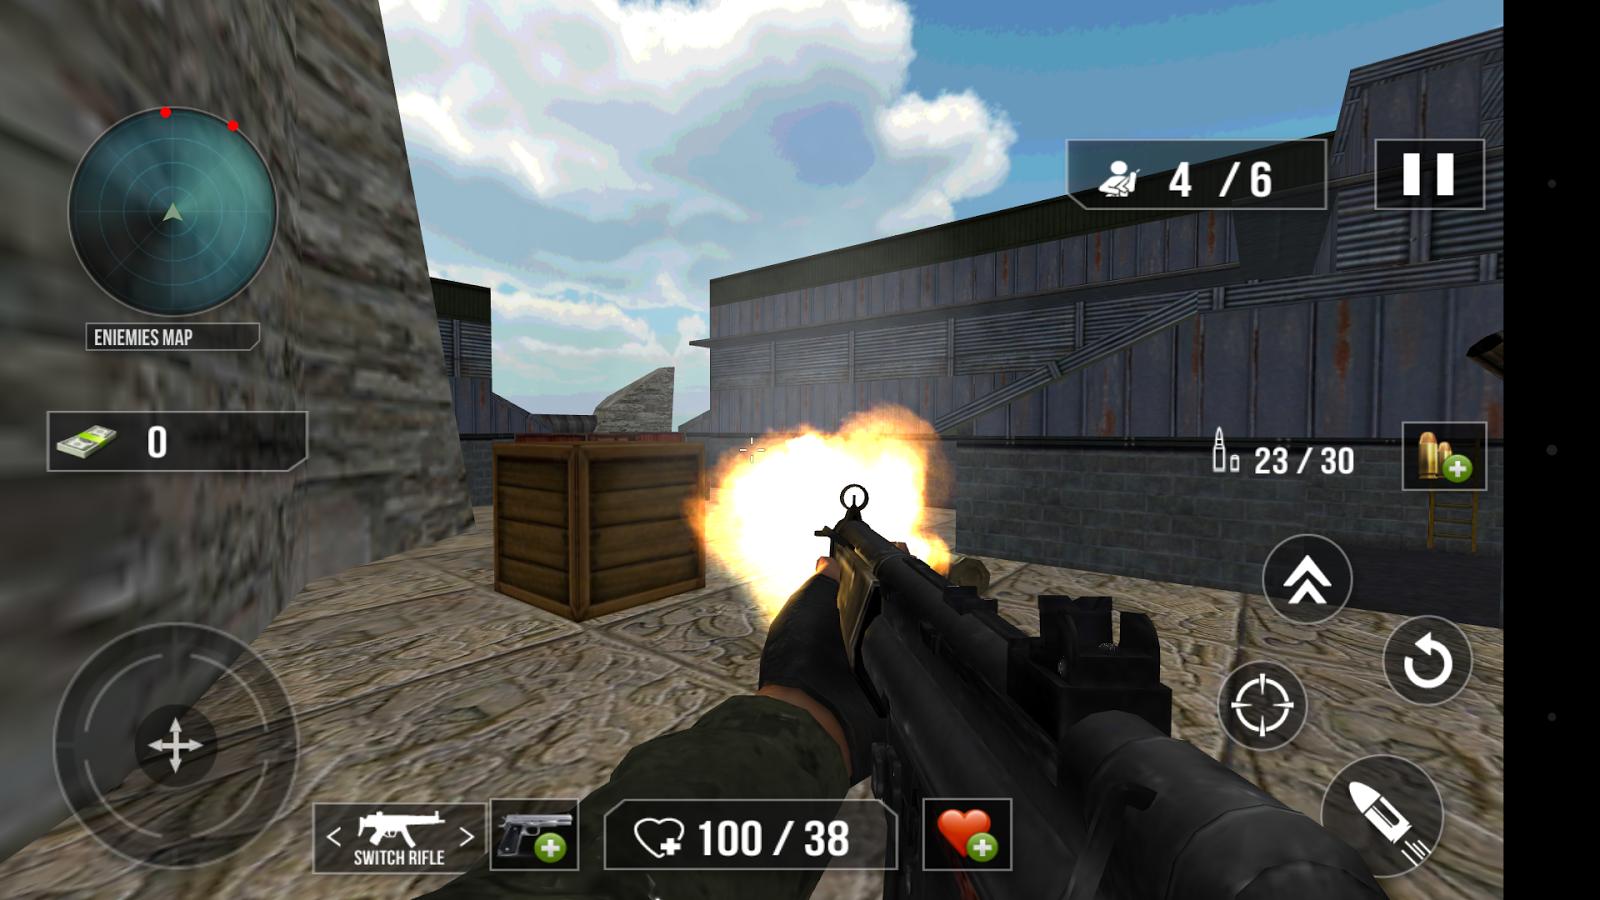 commando action war game mod apk